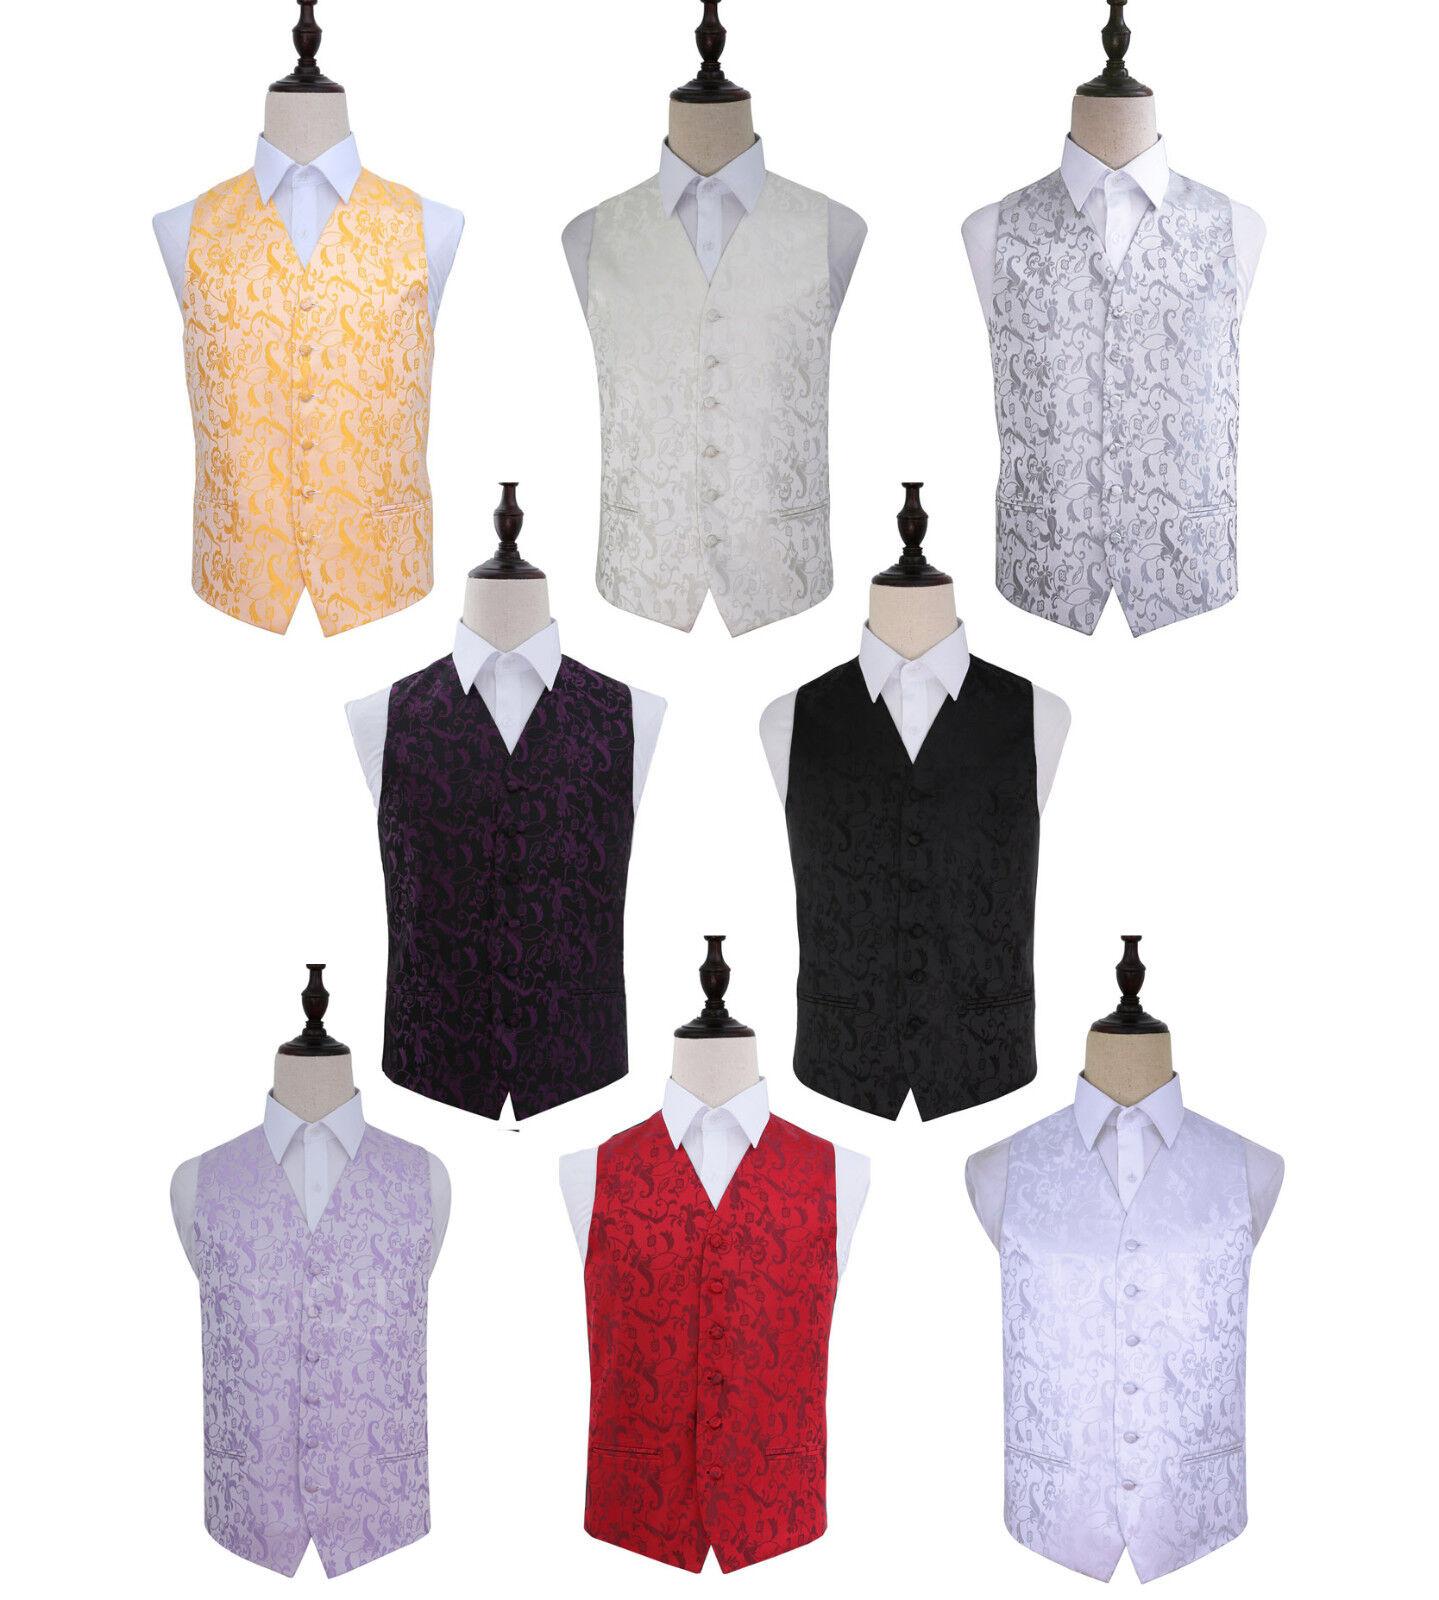 Men's Passion Wedding Groom Waistcoat, Cravat & Hankie Set - Size 36